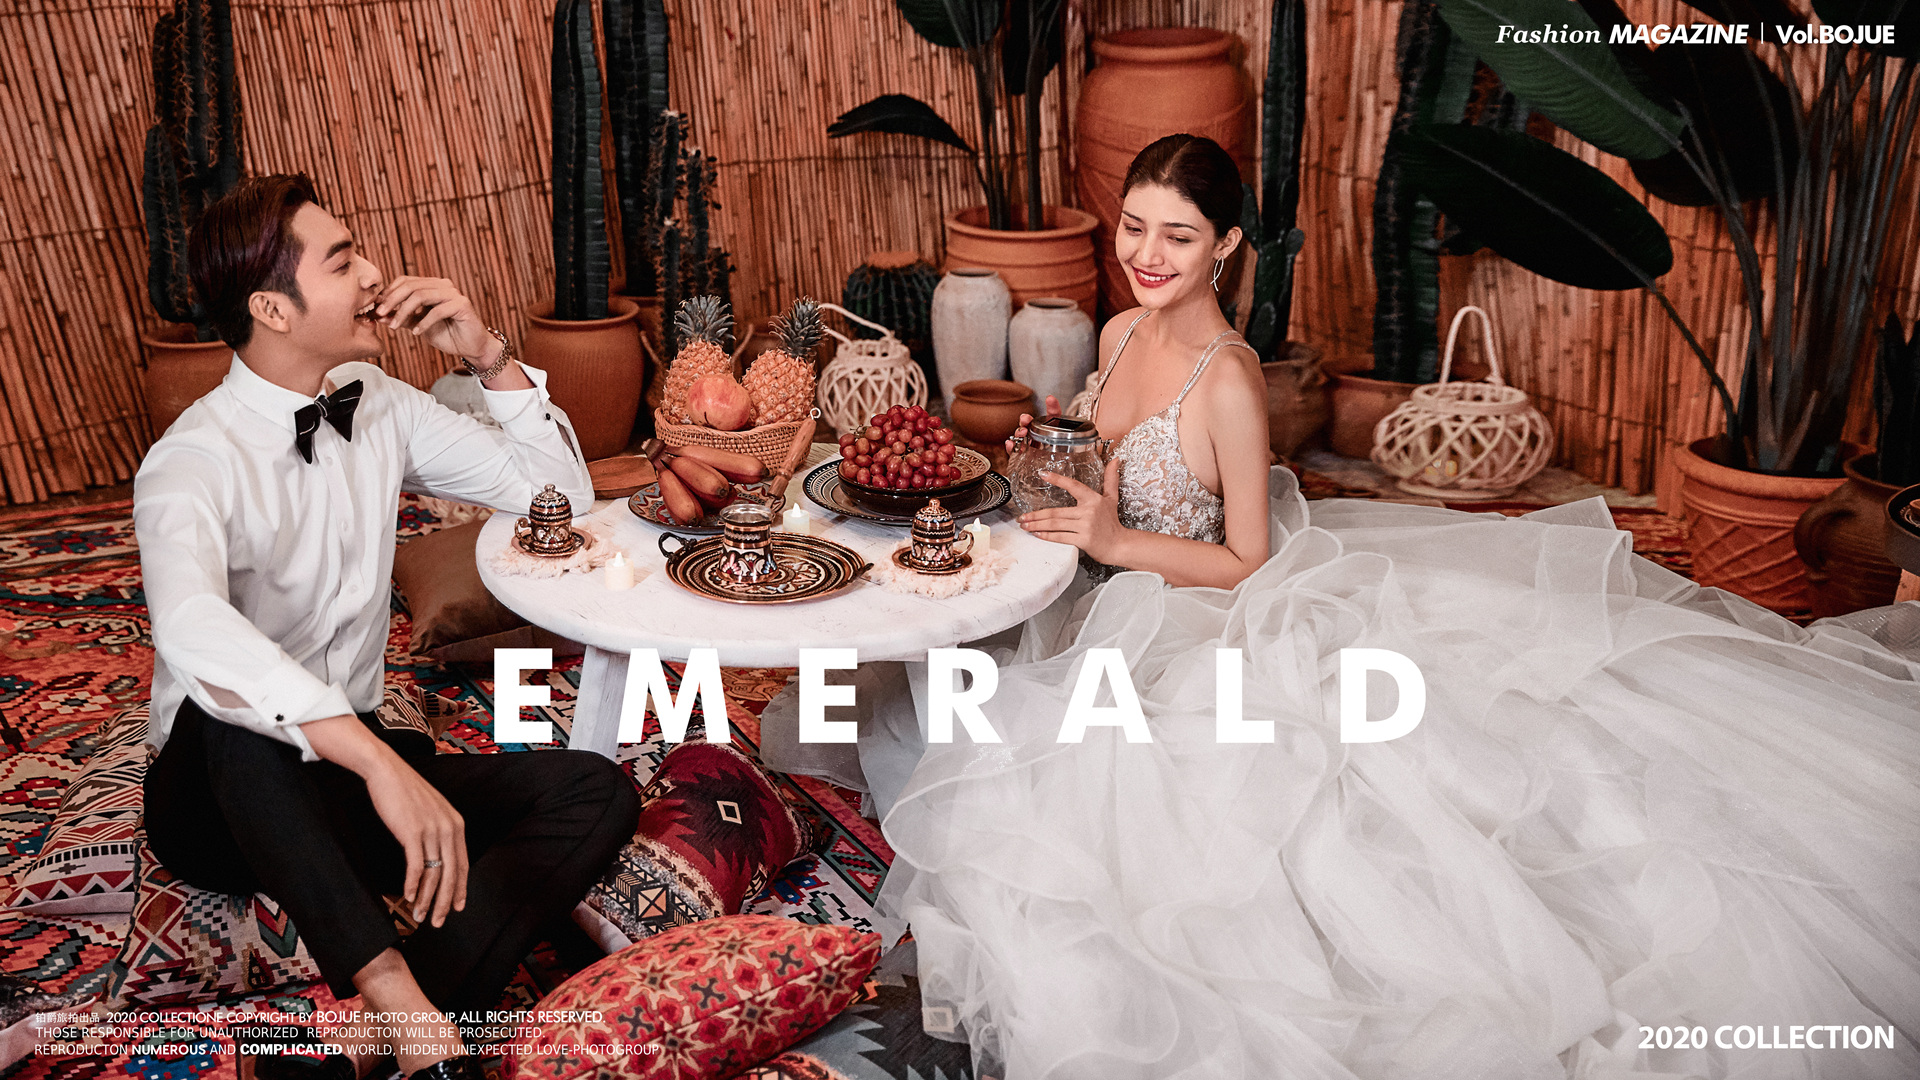 婚前拍摄厦门婚纱照需要准备哪些,这些东西你准备了吗